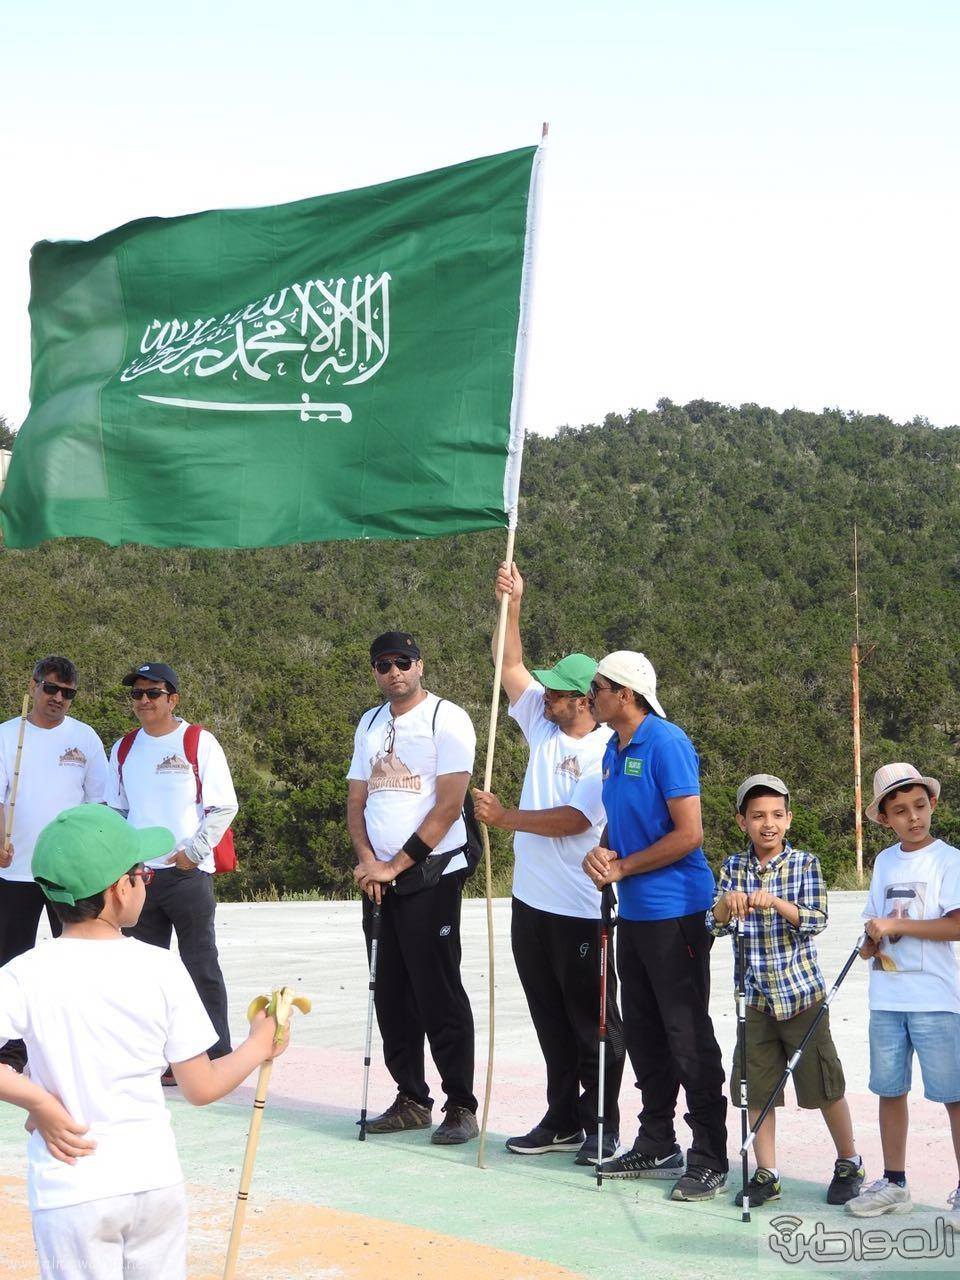 رفع علم السعودية في اعلى قمةعن طريق فريق هايكنج السعودية (11)